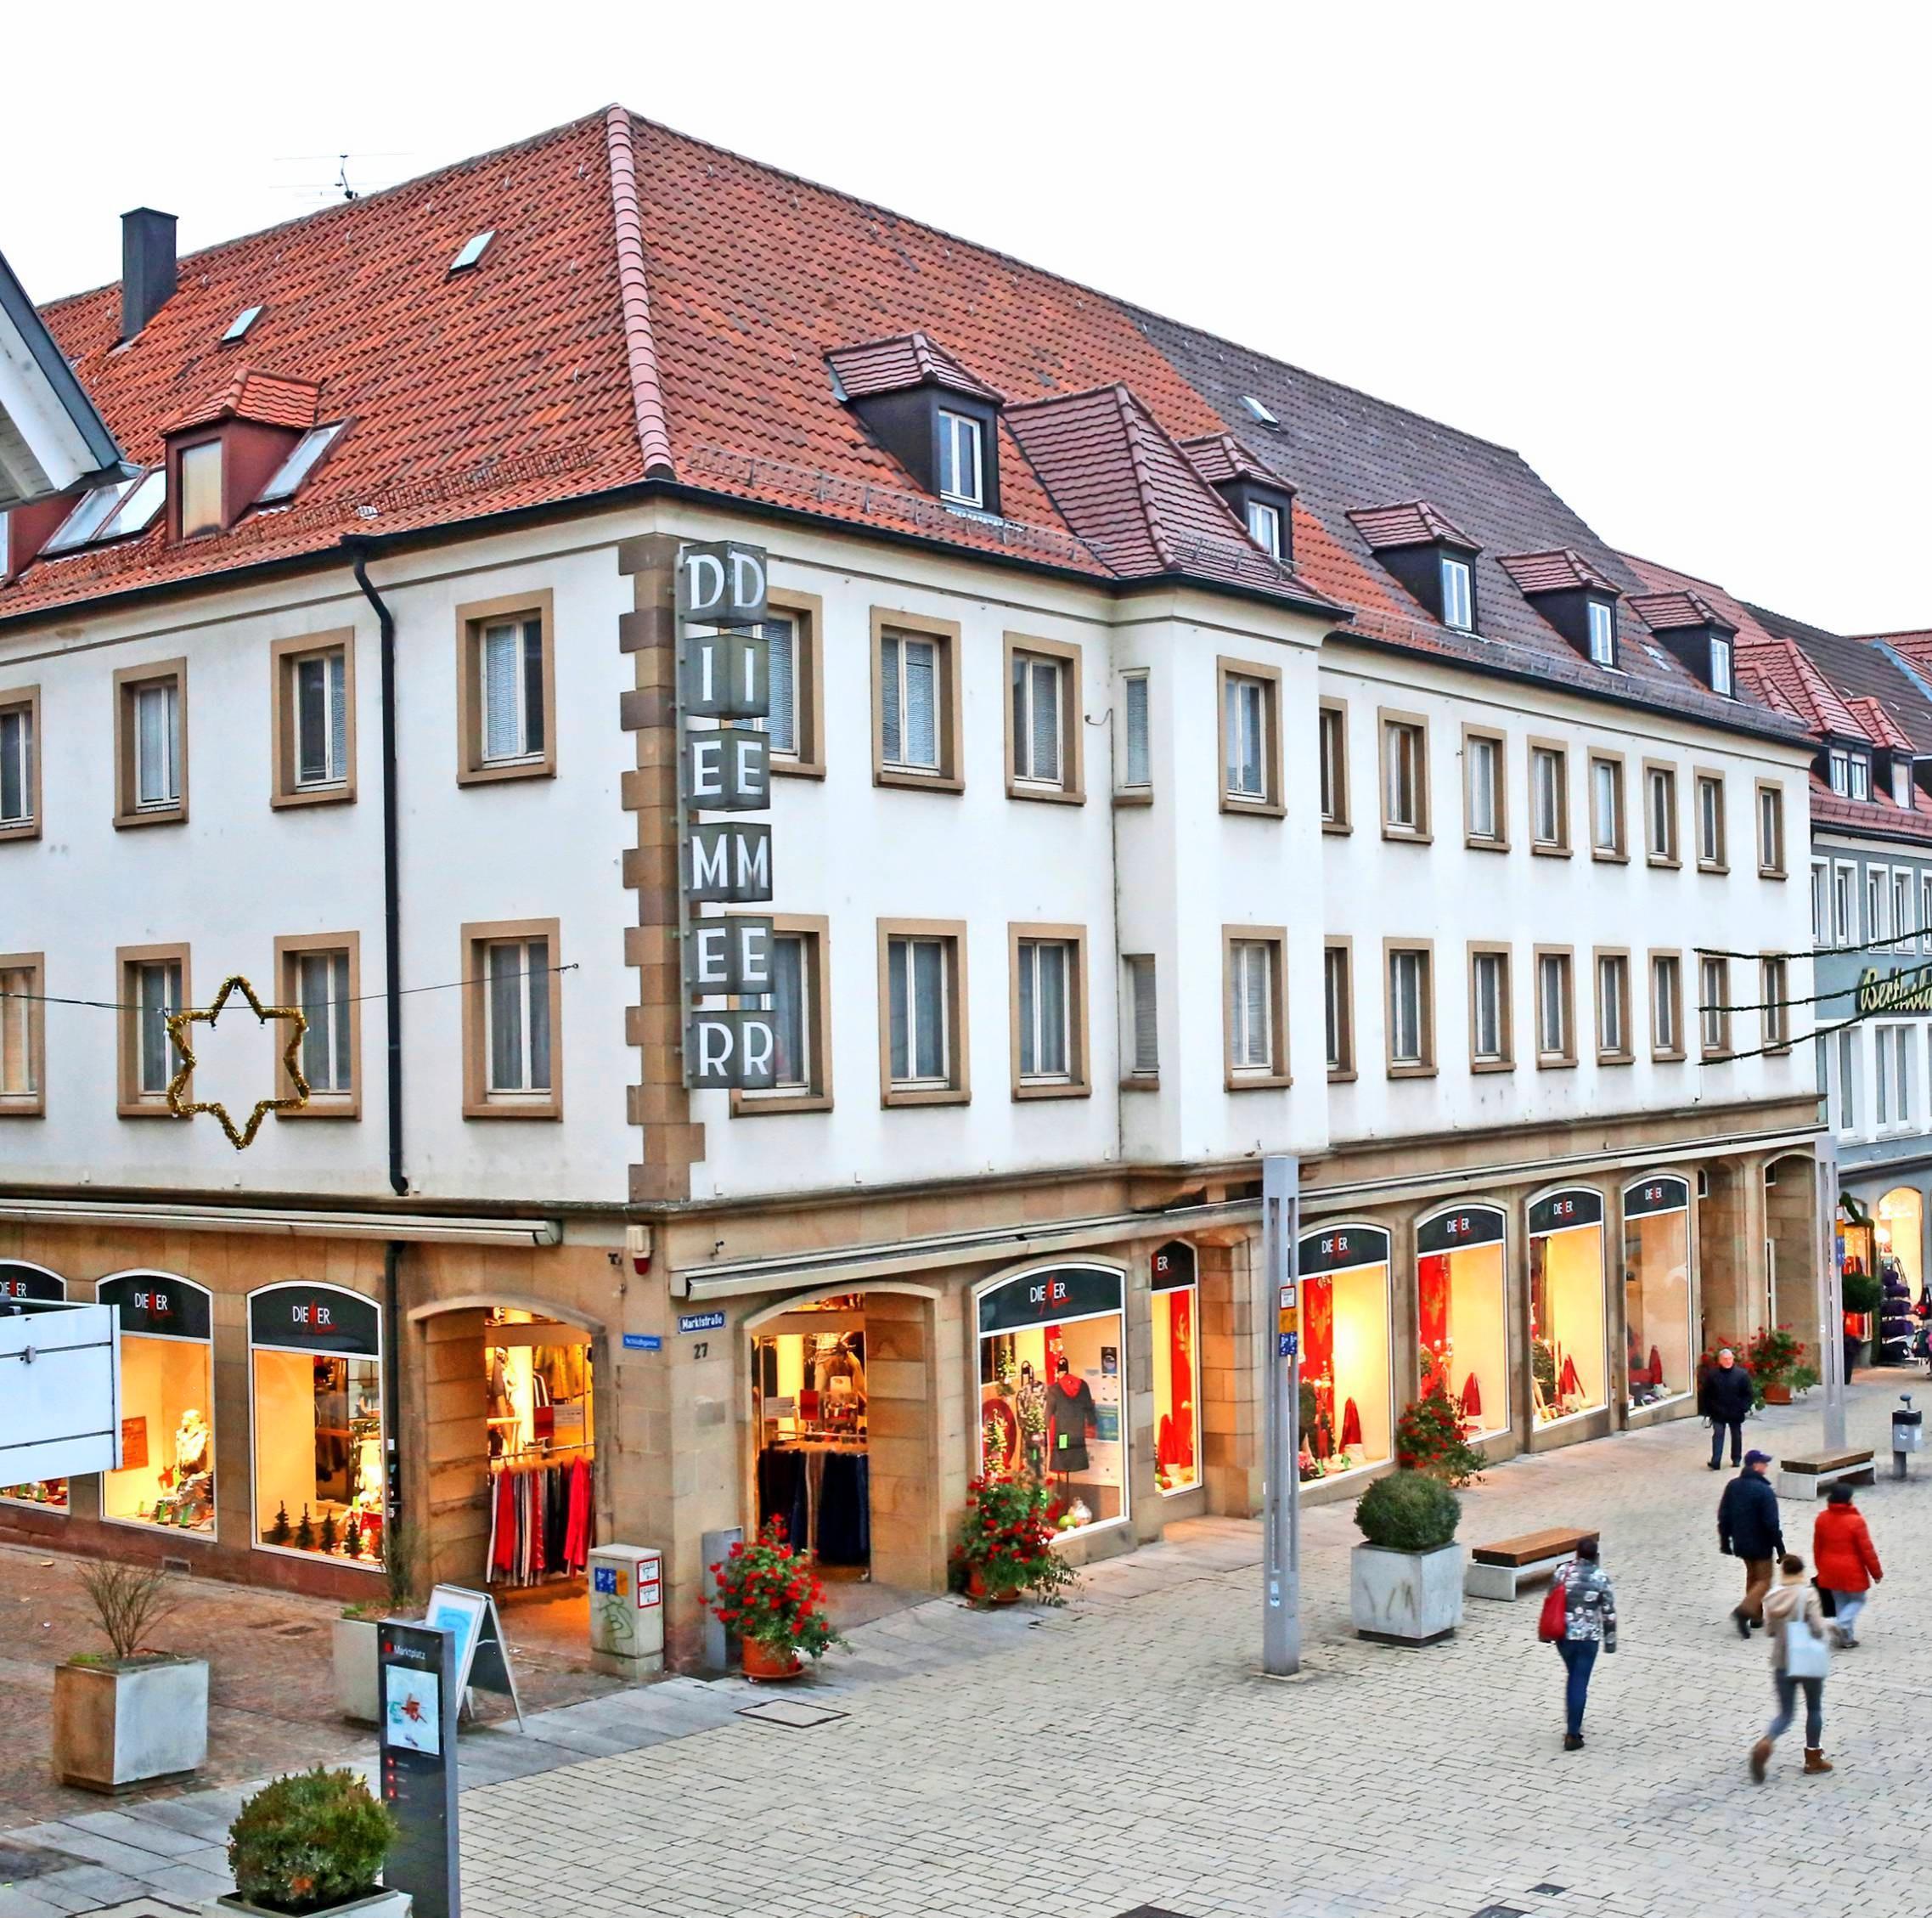 Noch bis Dezember hat das Neckarsulmer Modehaus Diemer seine Pforten geöffnet. Dann geht die 193-jährige Firmengeschichte zu Ende. Foto: Archiv/Seidel